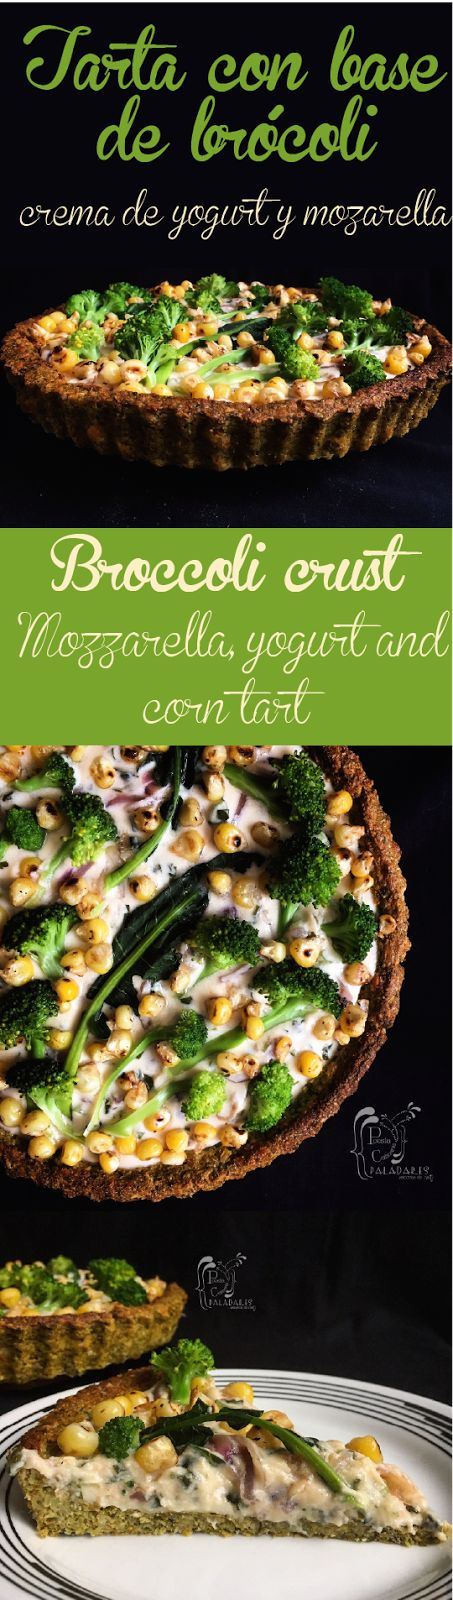 Paladares {Sabores de nati }:  Tarta con base de brócoli - crema de yogur, mozarella y maíz asado. base de brocoli para pizza, broccoli, gluten free, hojas verdes, maíz, queso mozzarella, sin gluten, Tarta de brócoli, tarta de verduras, yogur. Juego de blogueros 2.0